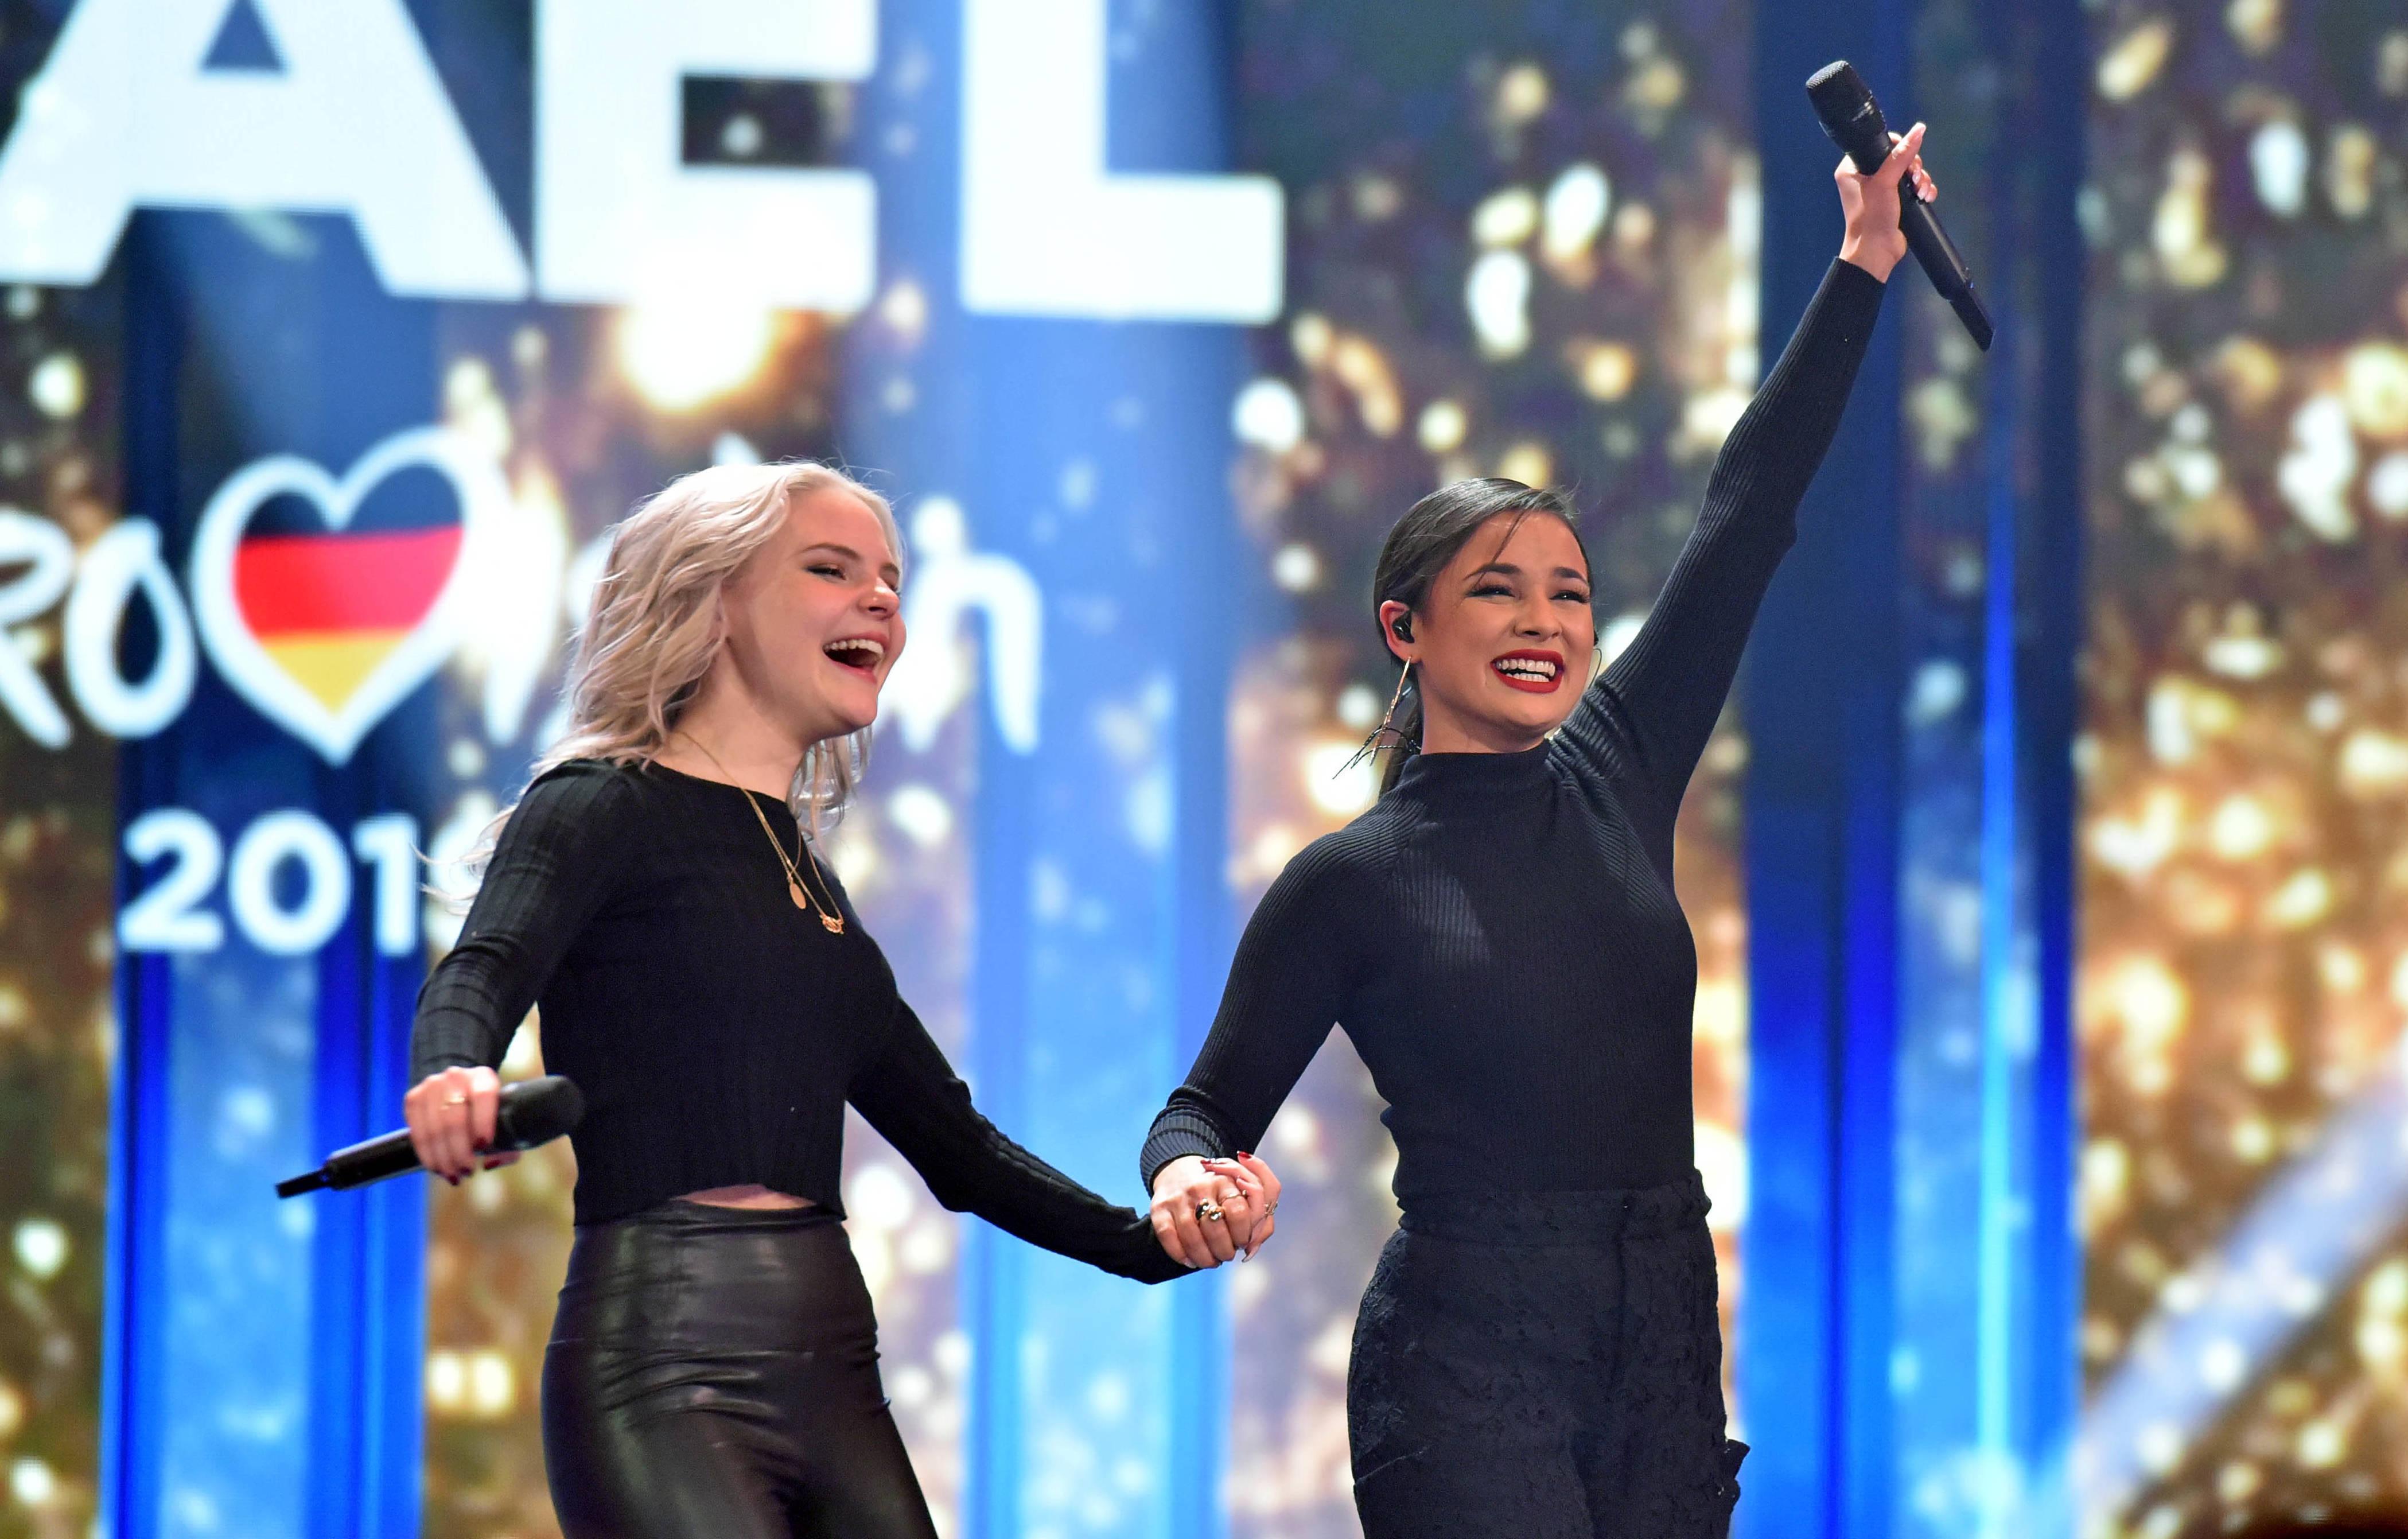 Eurovision Song Contest: Vorentscheid beim Spartensender One statt im...